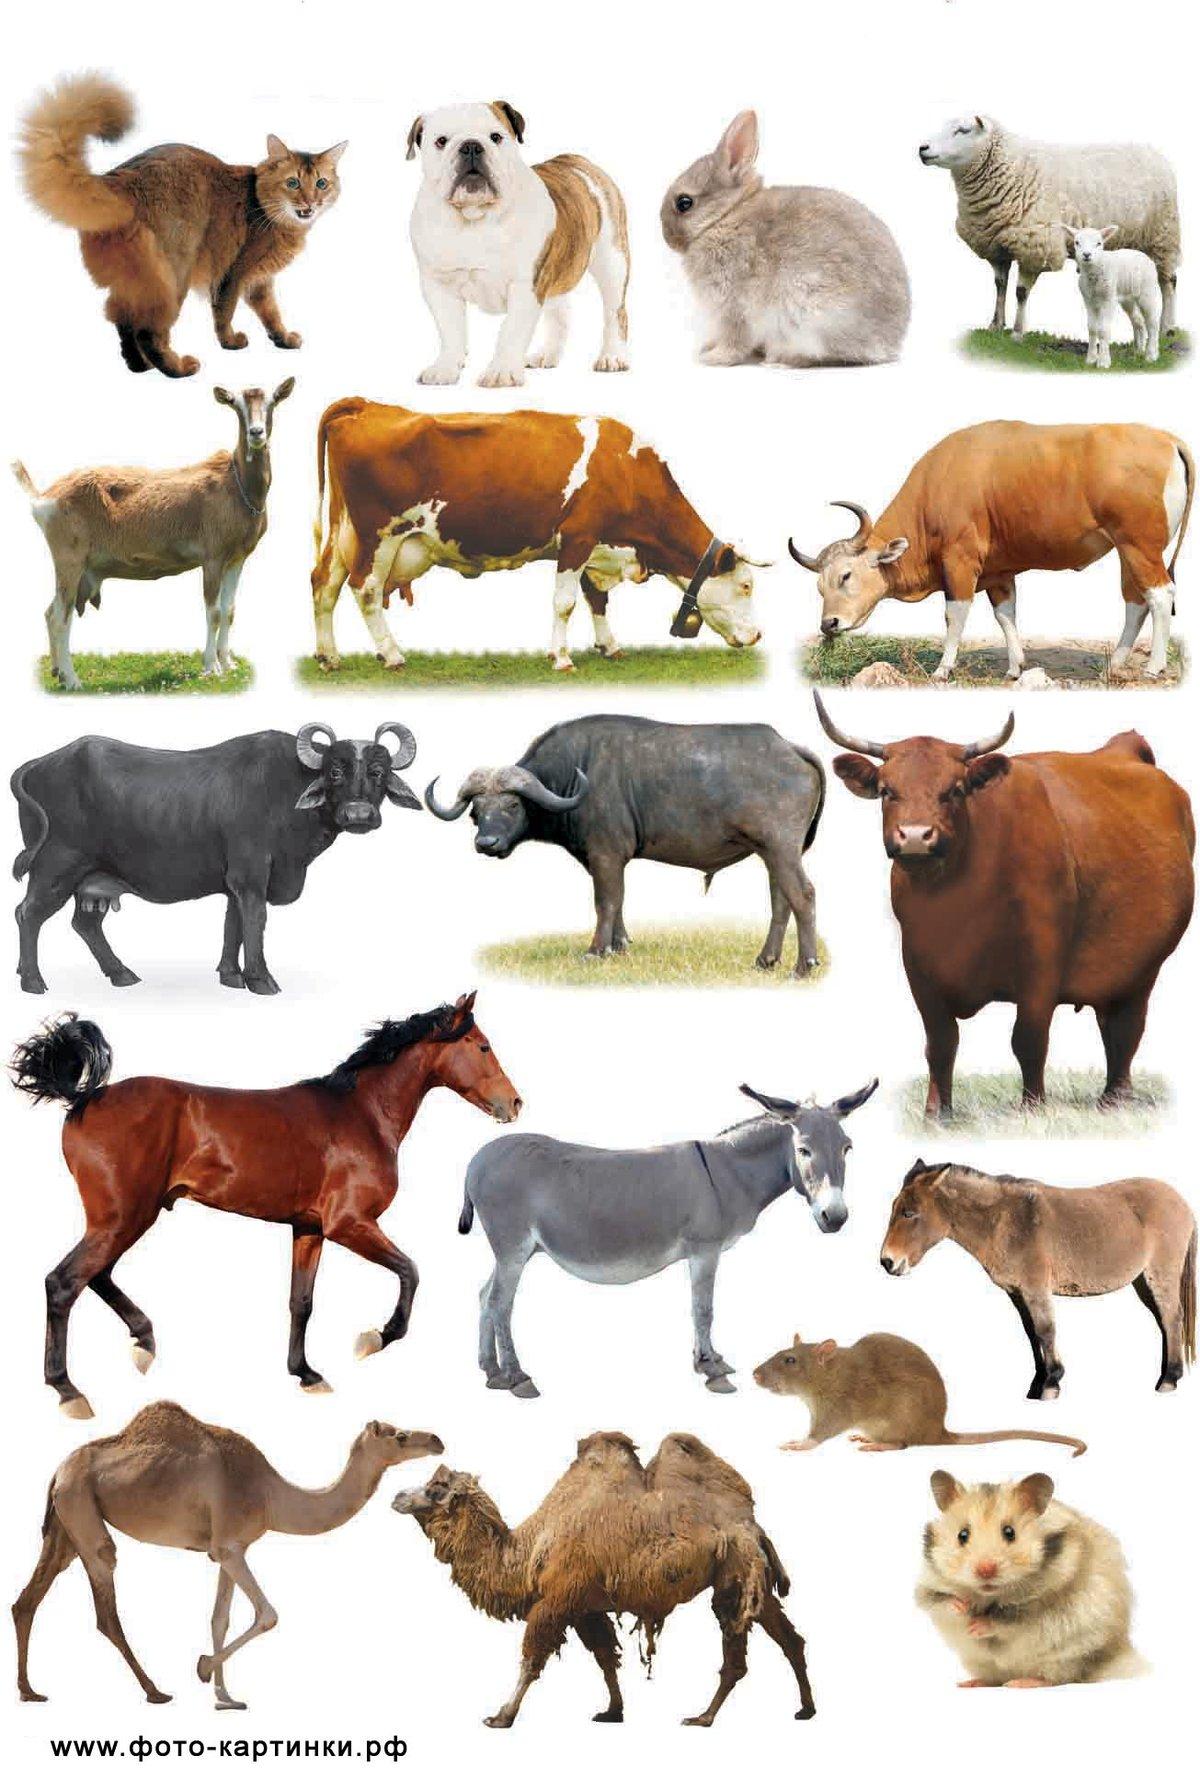 виды разбавлю изучаем животных фото коллекция прикольных креативных